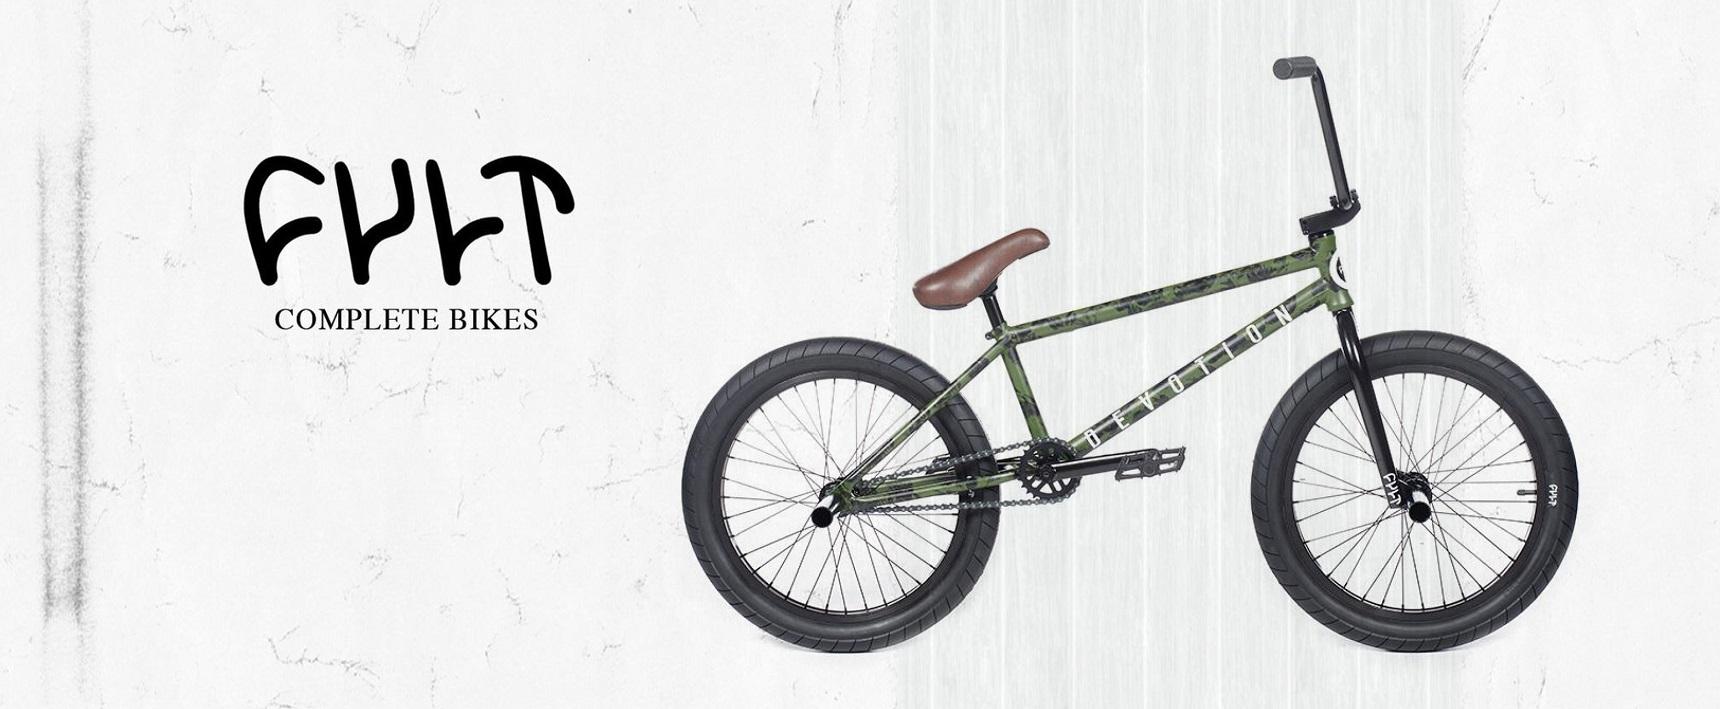 TRAFFIC GmbH Großhandel für Gravelbikes, Rennräder, Cyclocross ...